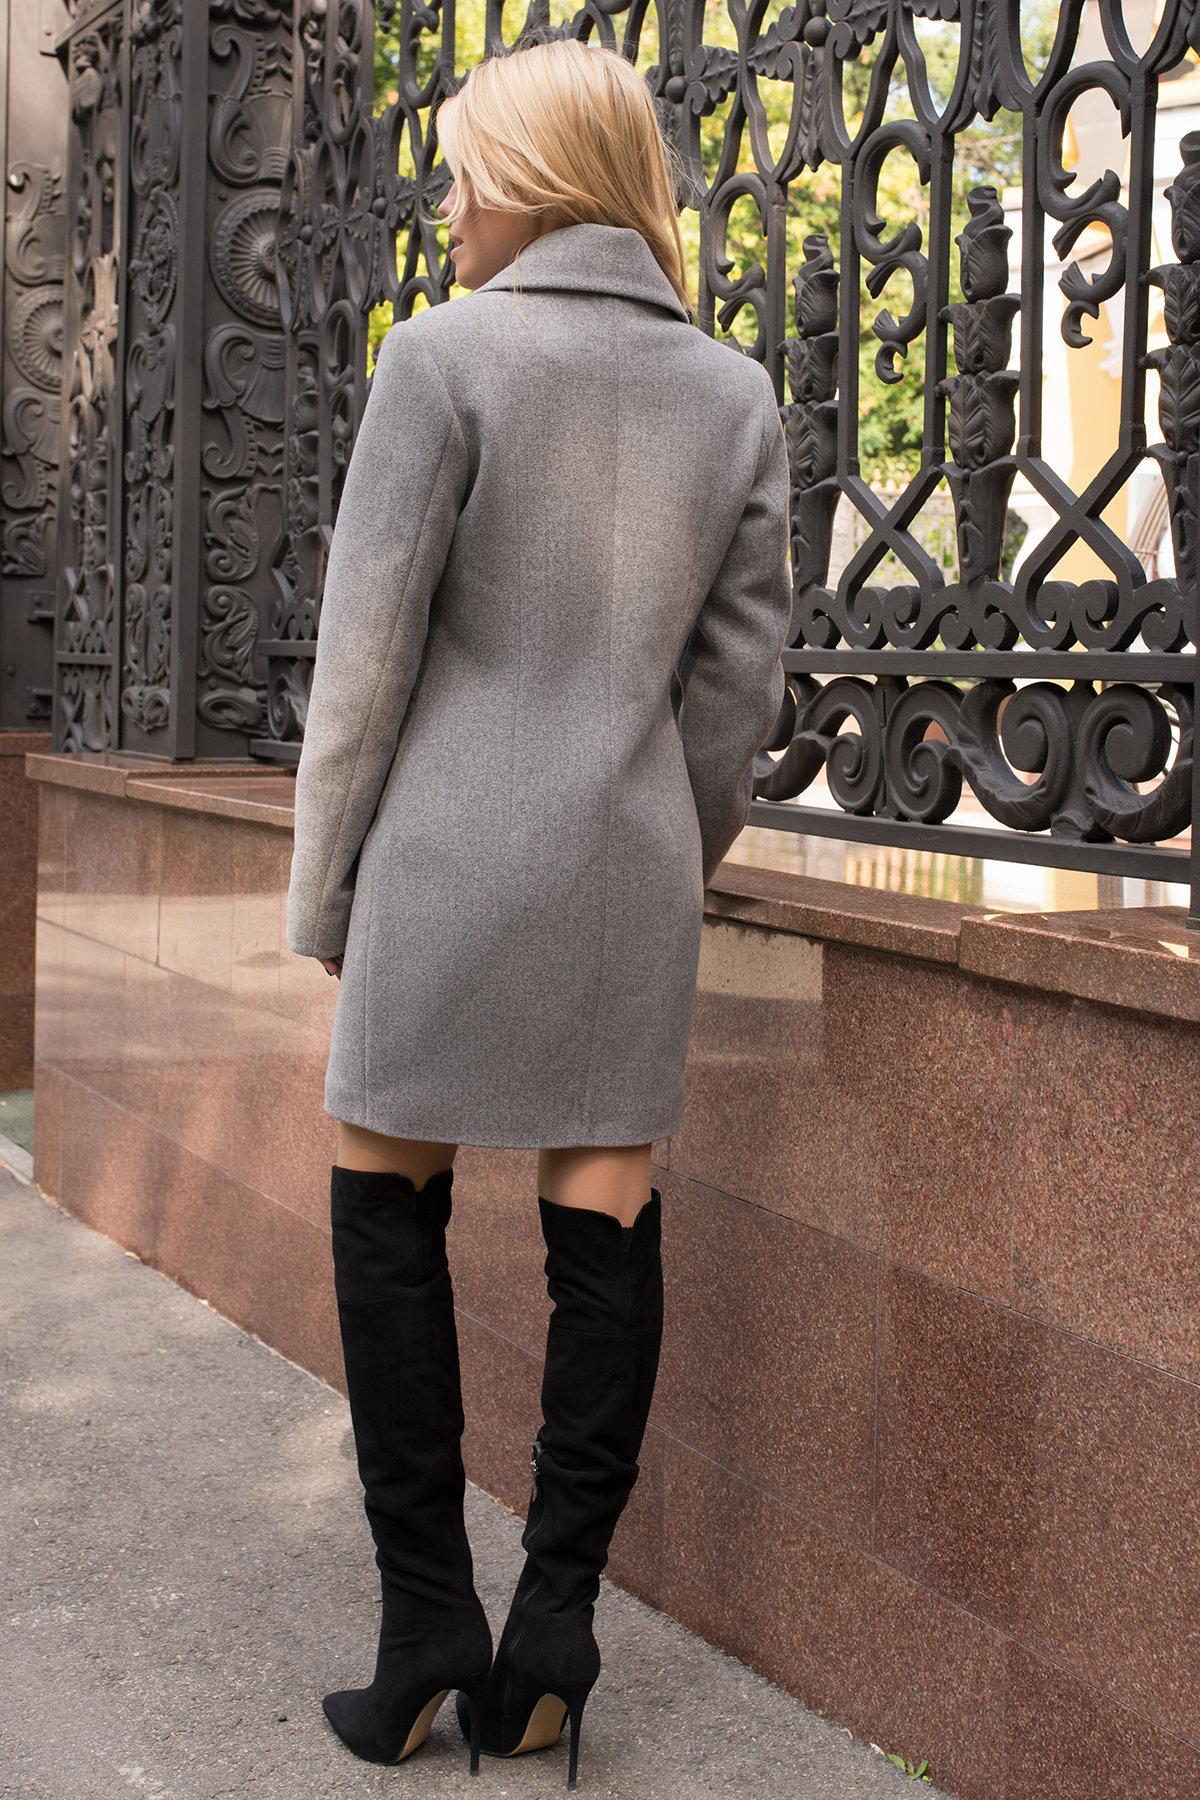 Элегантное демисезонное пальто выше колена Габриэлла 7825 АРТ. 43713 Цвет: Серый 49 - фото 3, интернет магазин tm-modus.ru